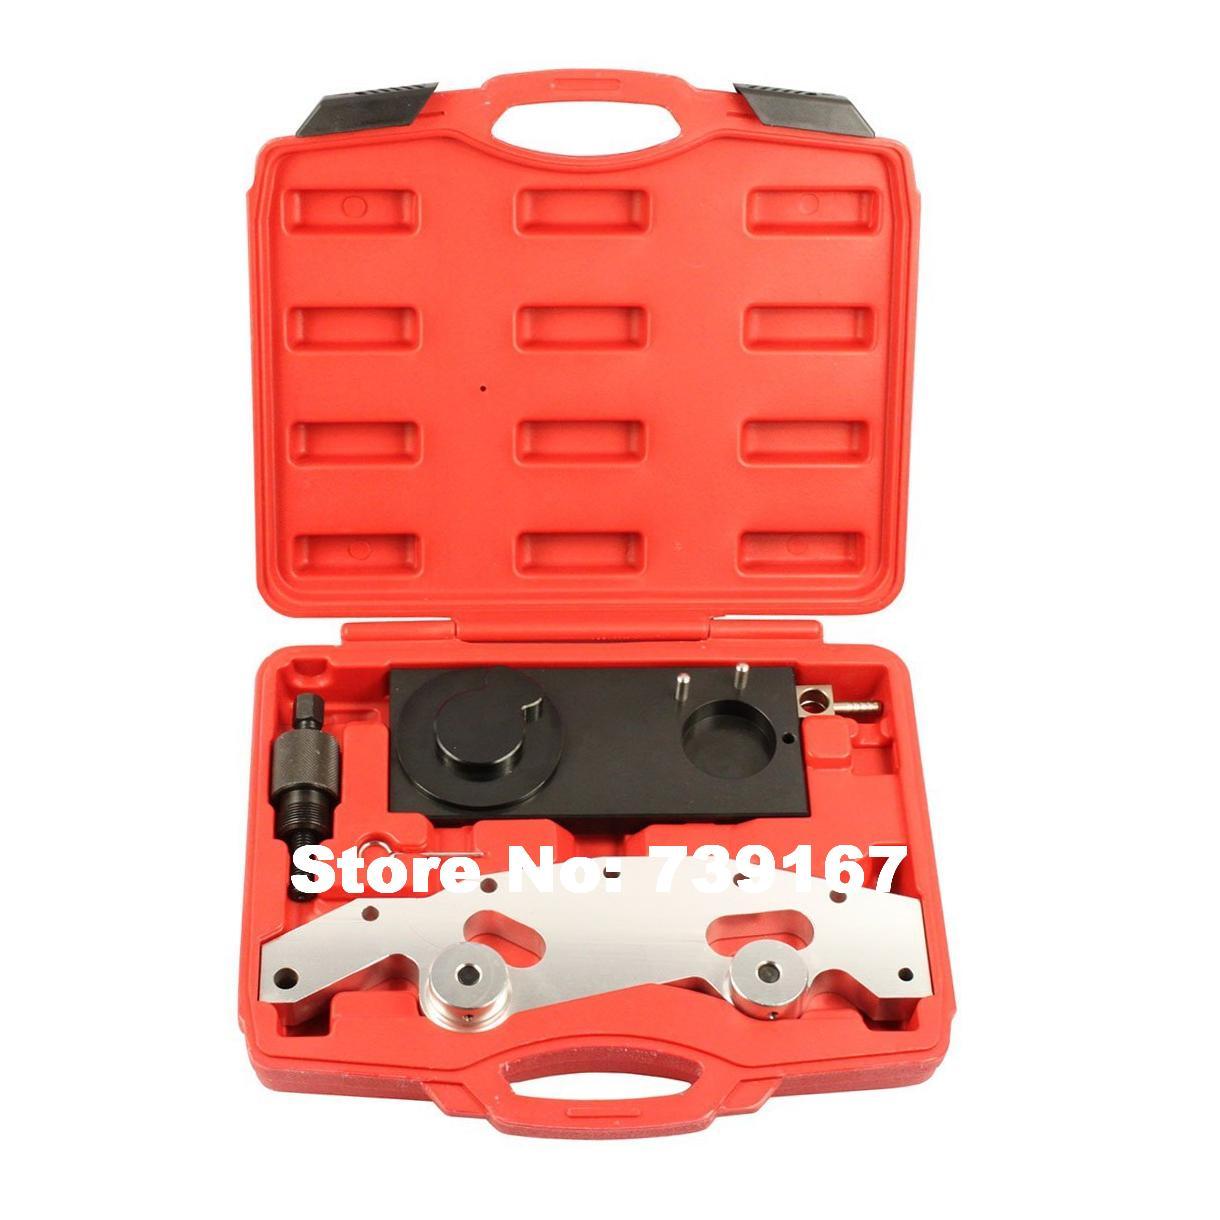 Outils de Garage de réparation de synchronisation de verrouillage d'arbre à cames de moteur de voiture Double VANOS pour BMW E36/39/46/53/60/61/83/85 M52TU M54/56X3/5 Z4 ST0074